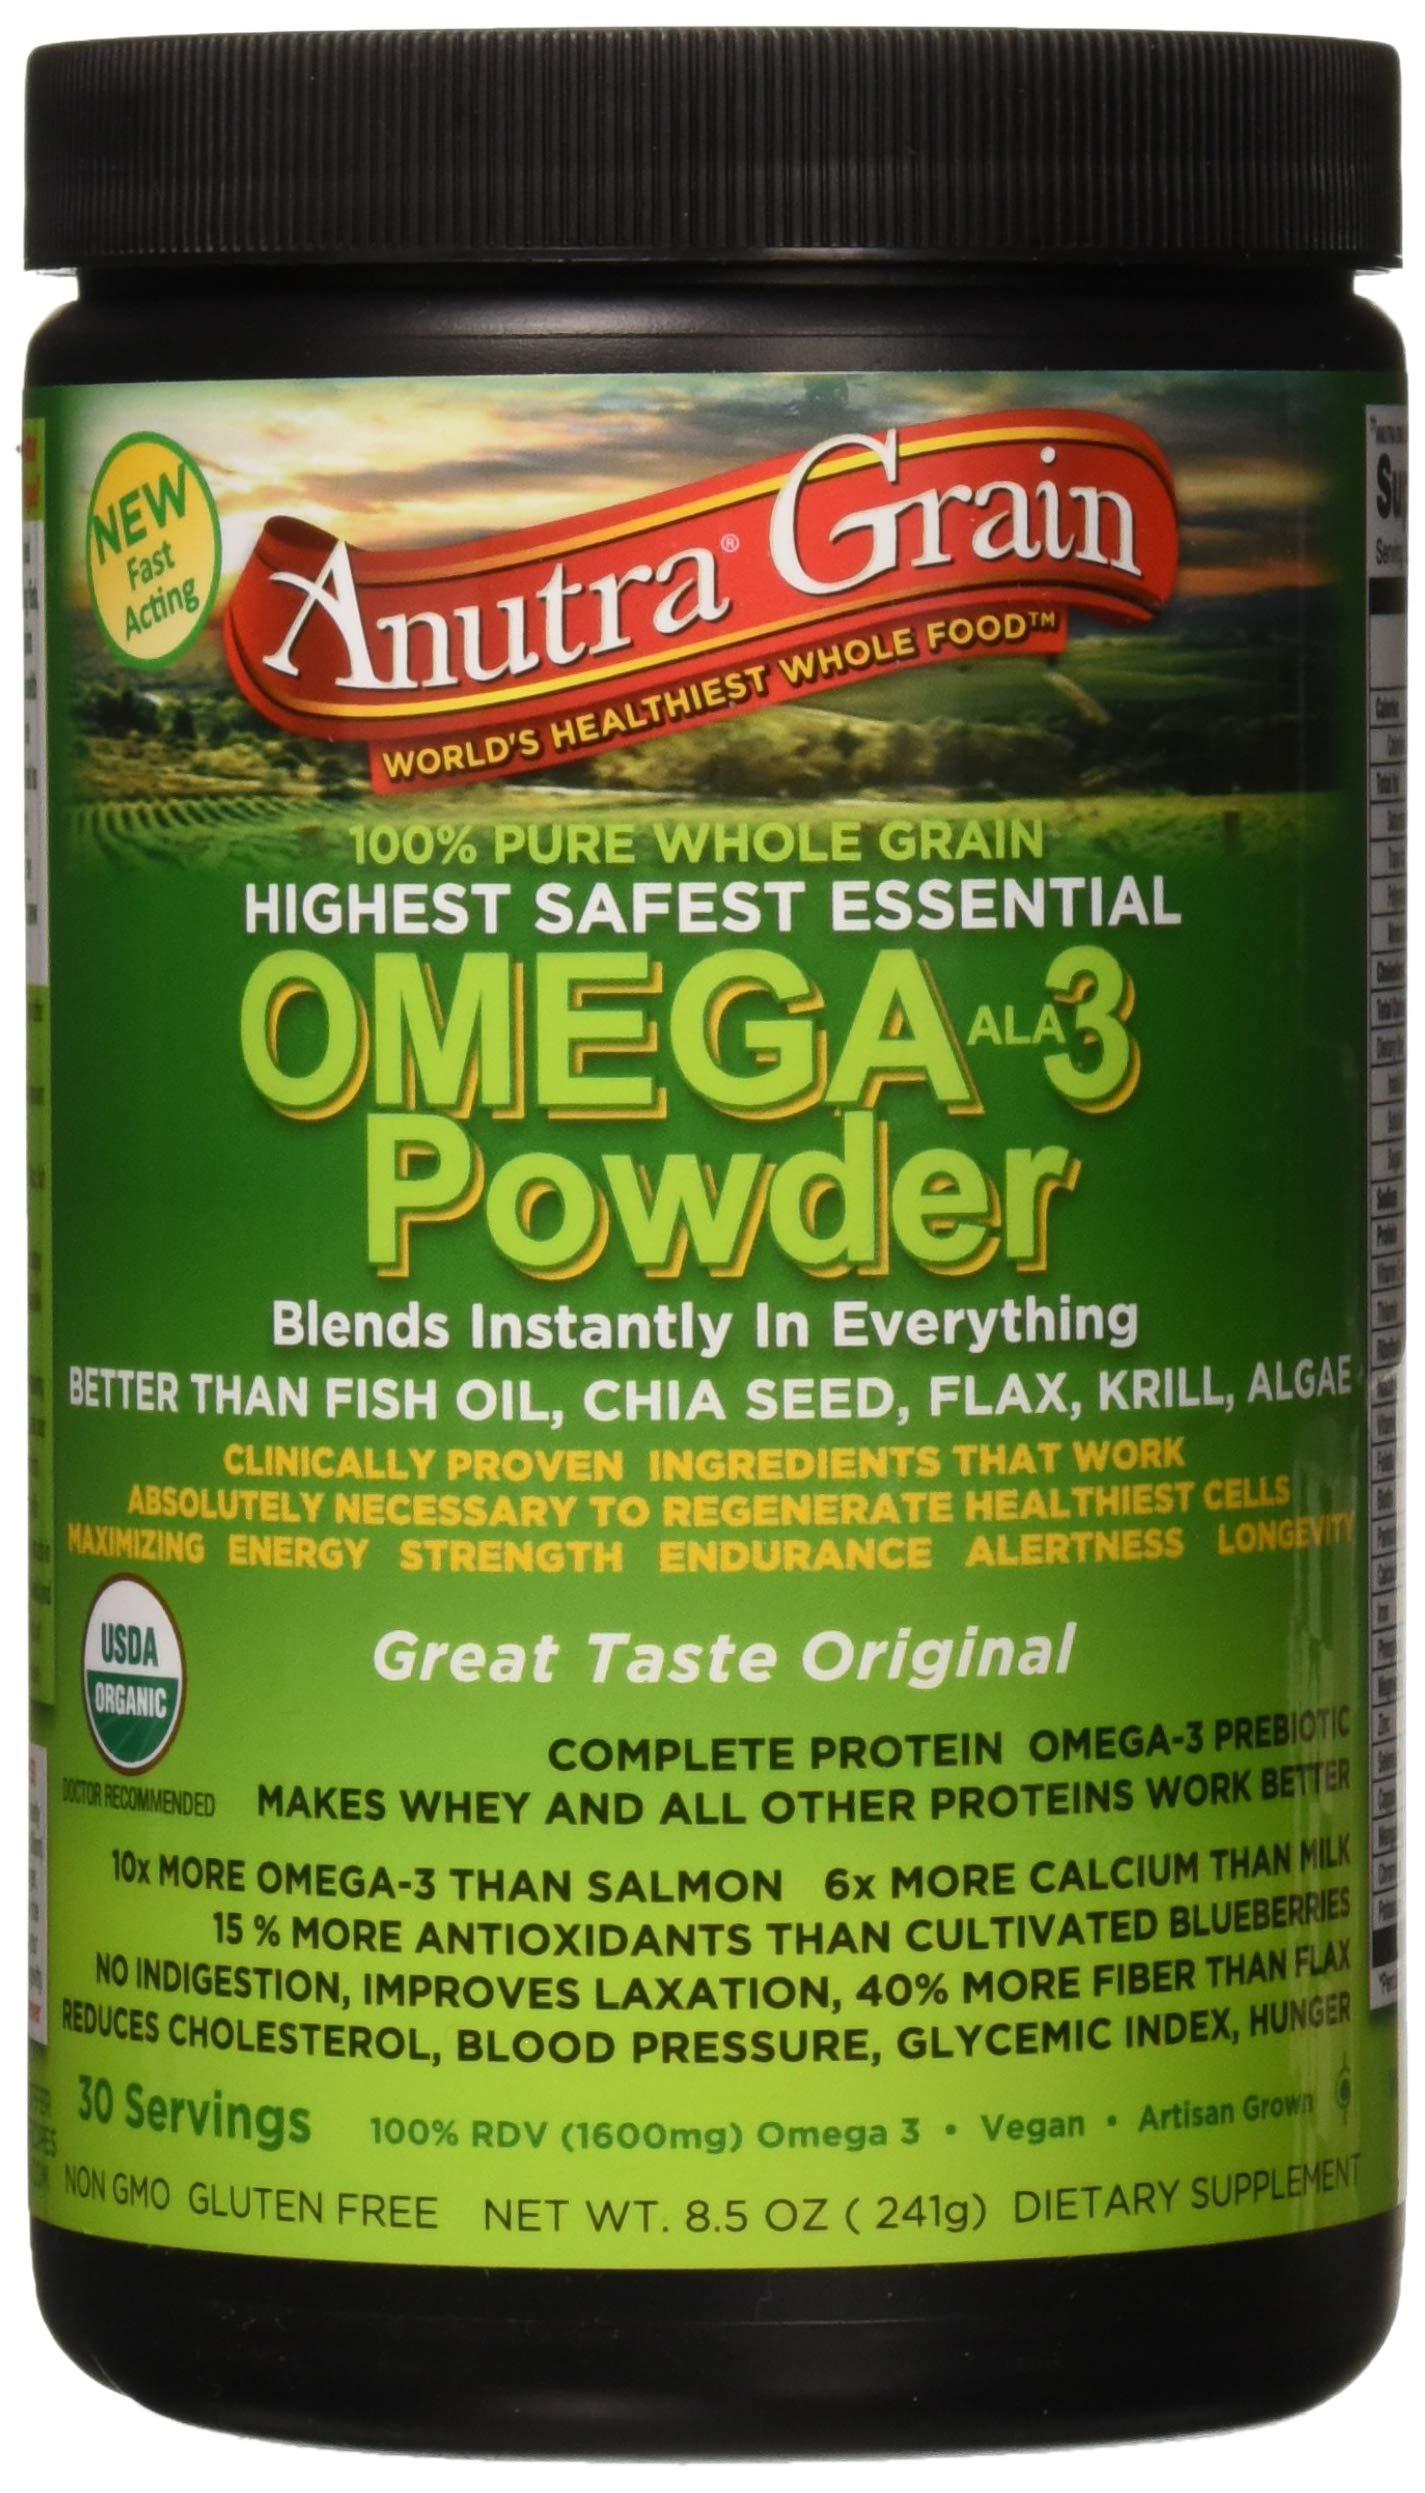 Omega-3,Powder,Original, 2.5 Pound